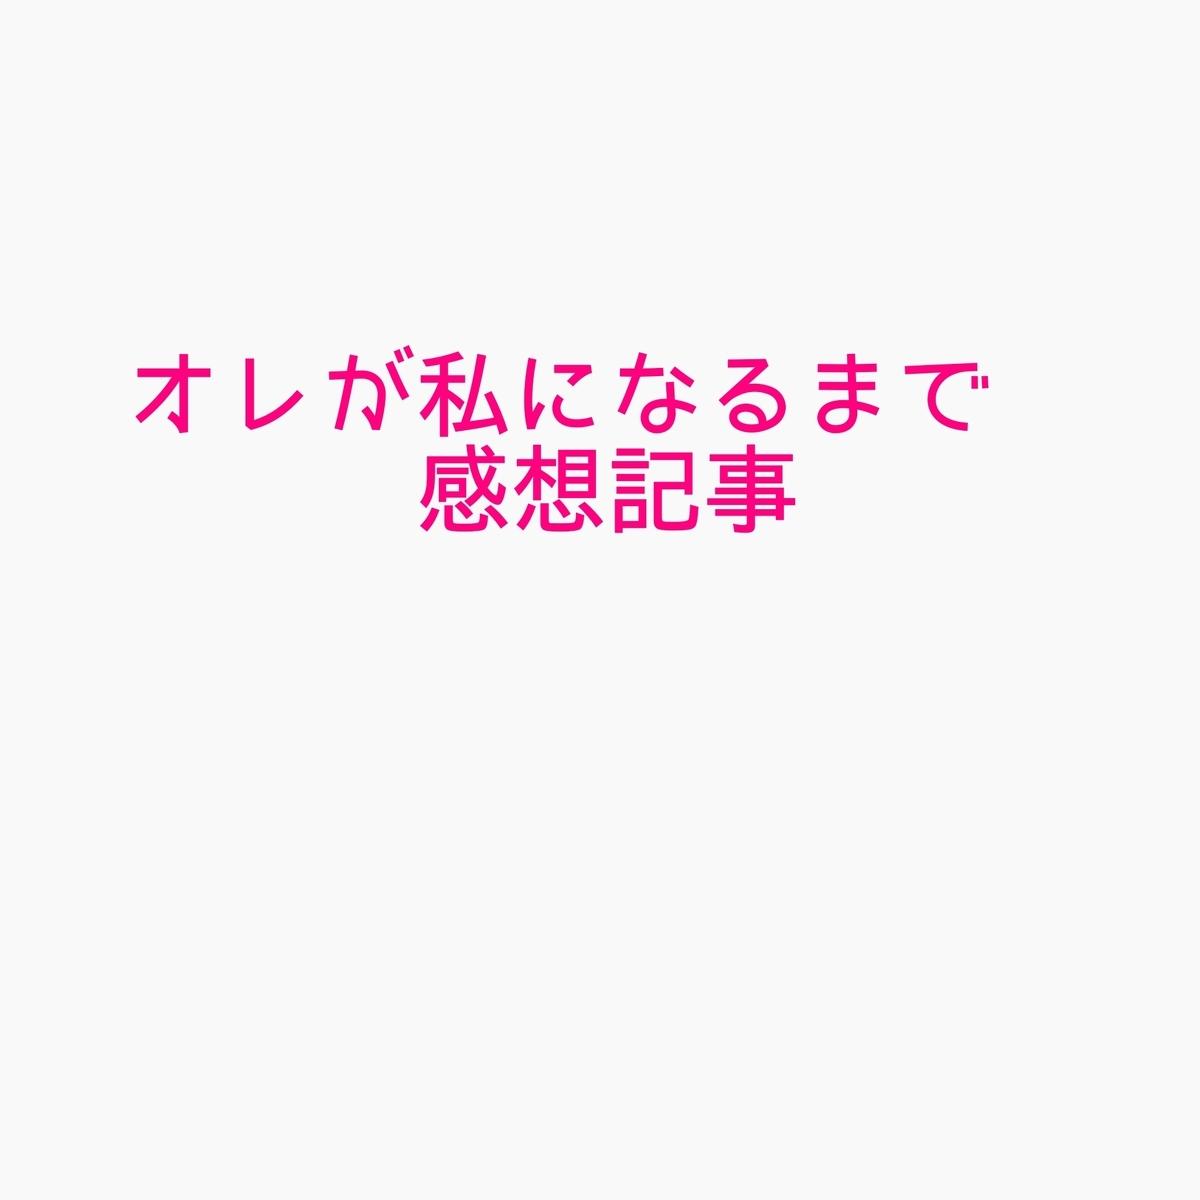 f:id:Simoom154:20190416130940j:plain